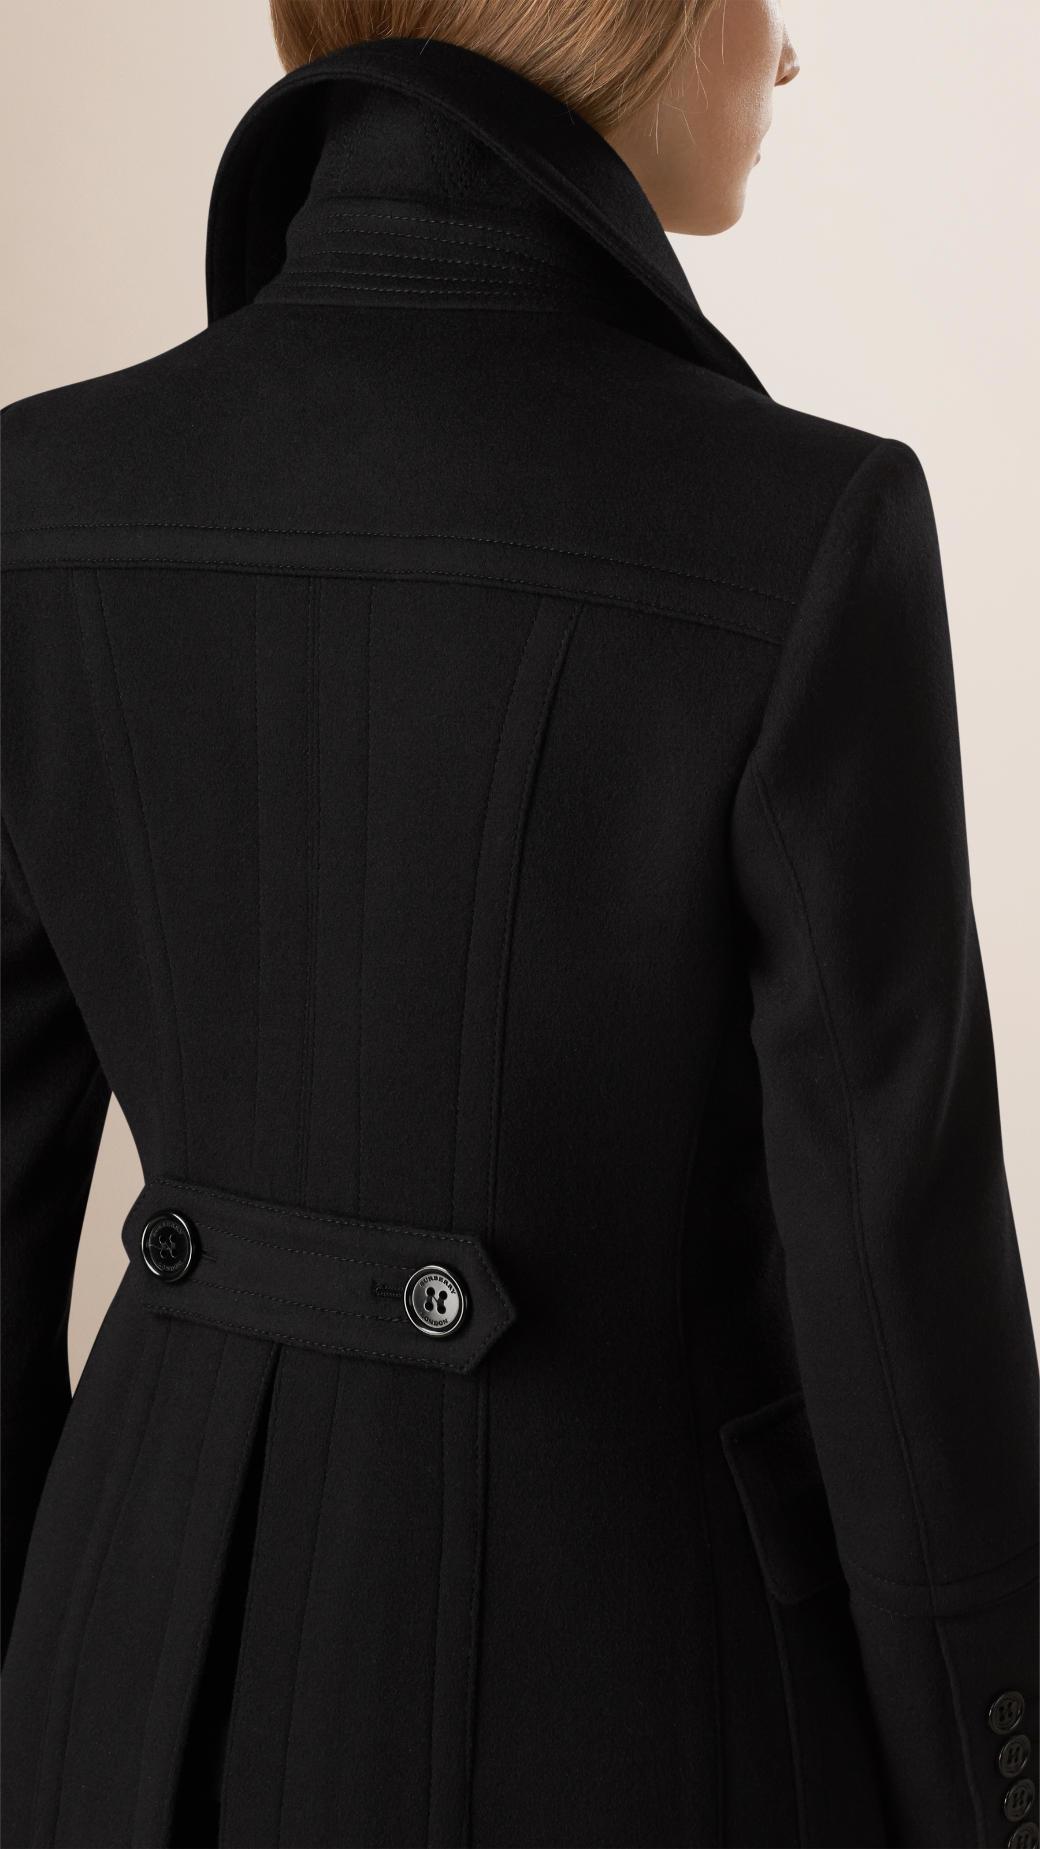 Womens long black pea coat